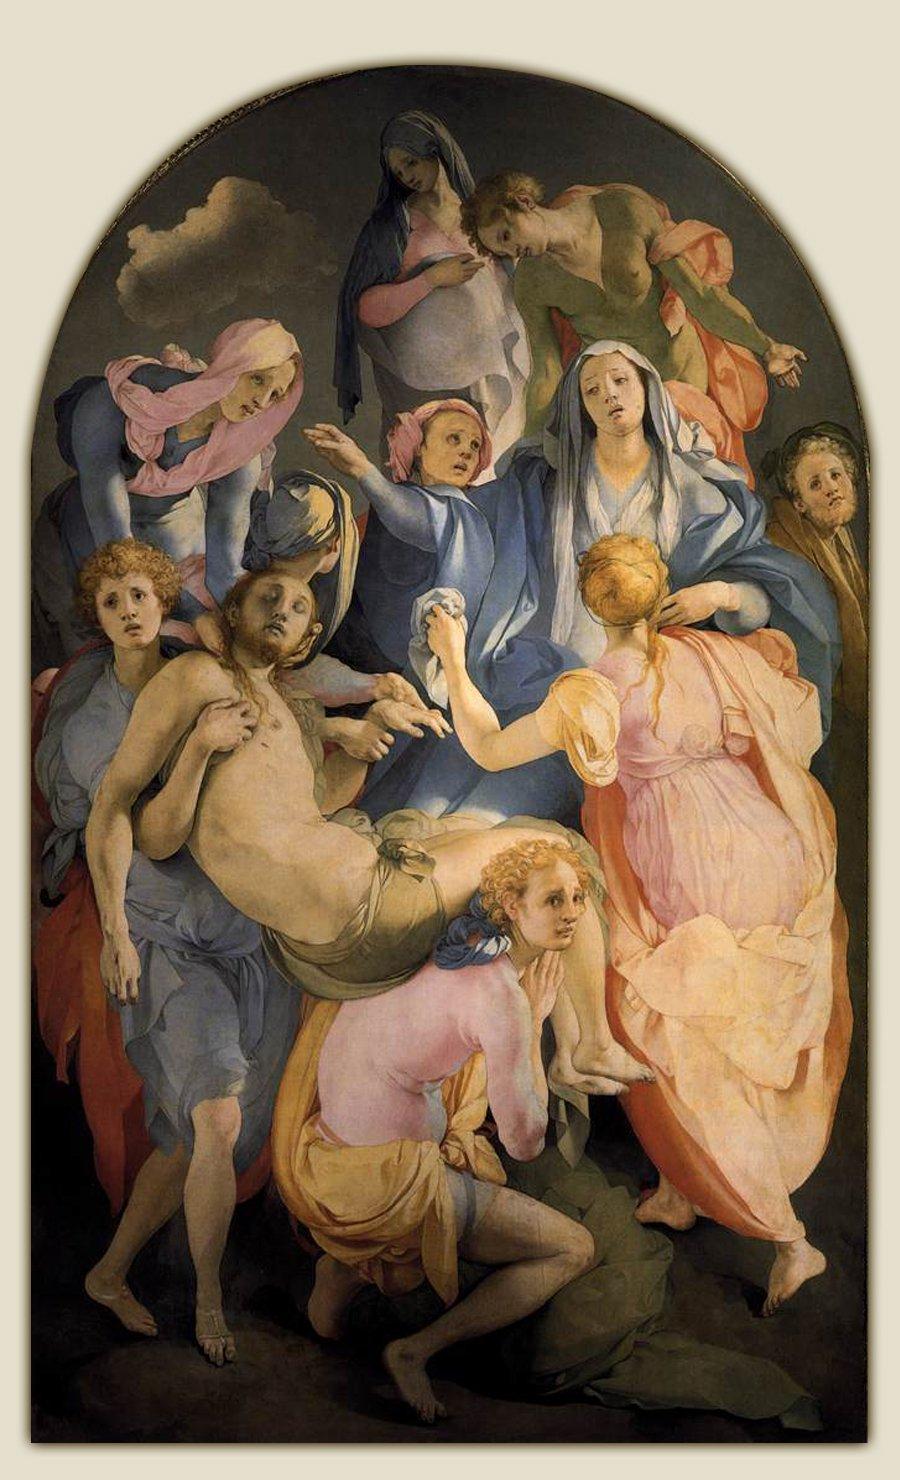 Jacopo da Pontormo, Trasporto di Cristo o Deposizione, 1526 28 ca. Chiesa di Santa Felicita, Firenze